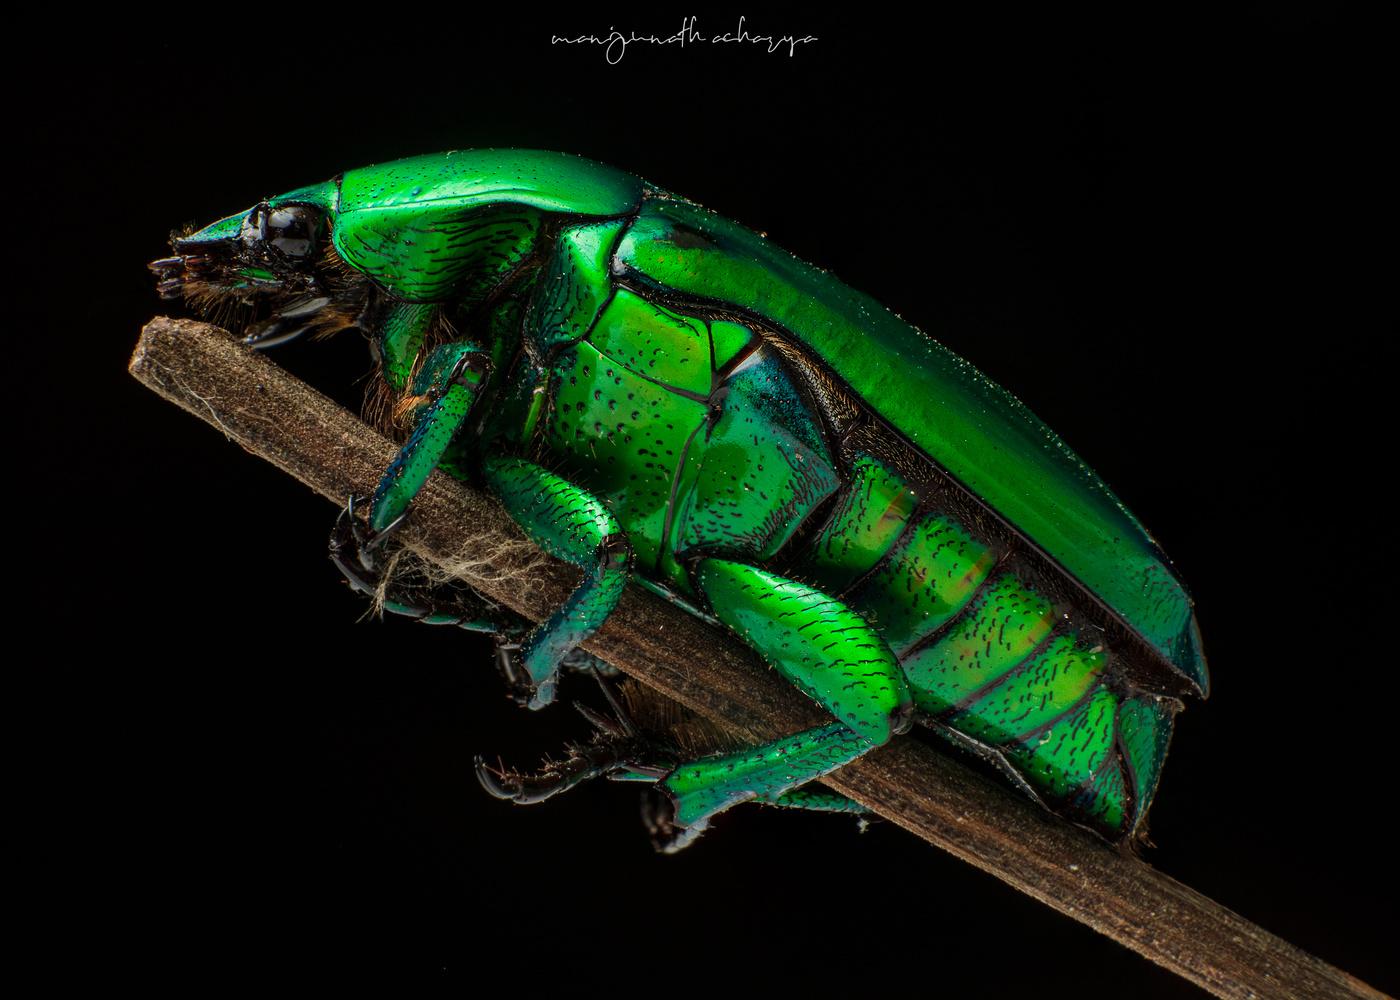 Fig-eater bug by Manjunath MR